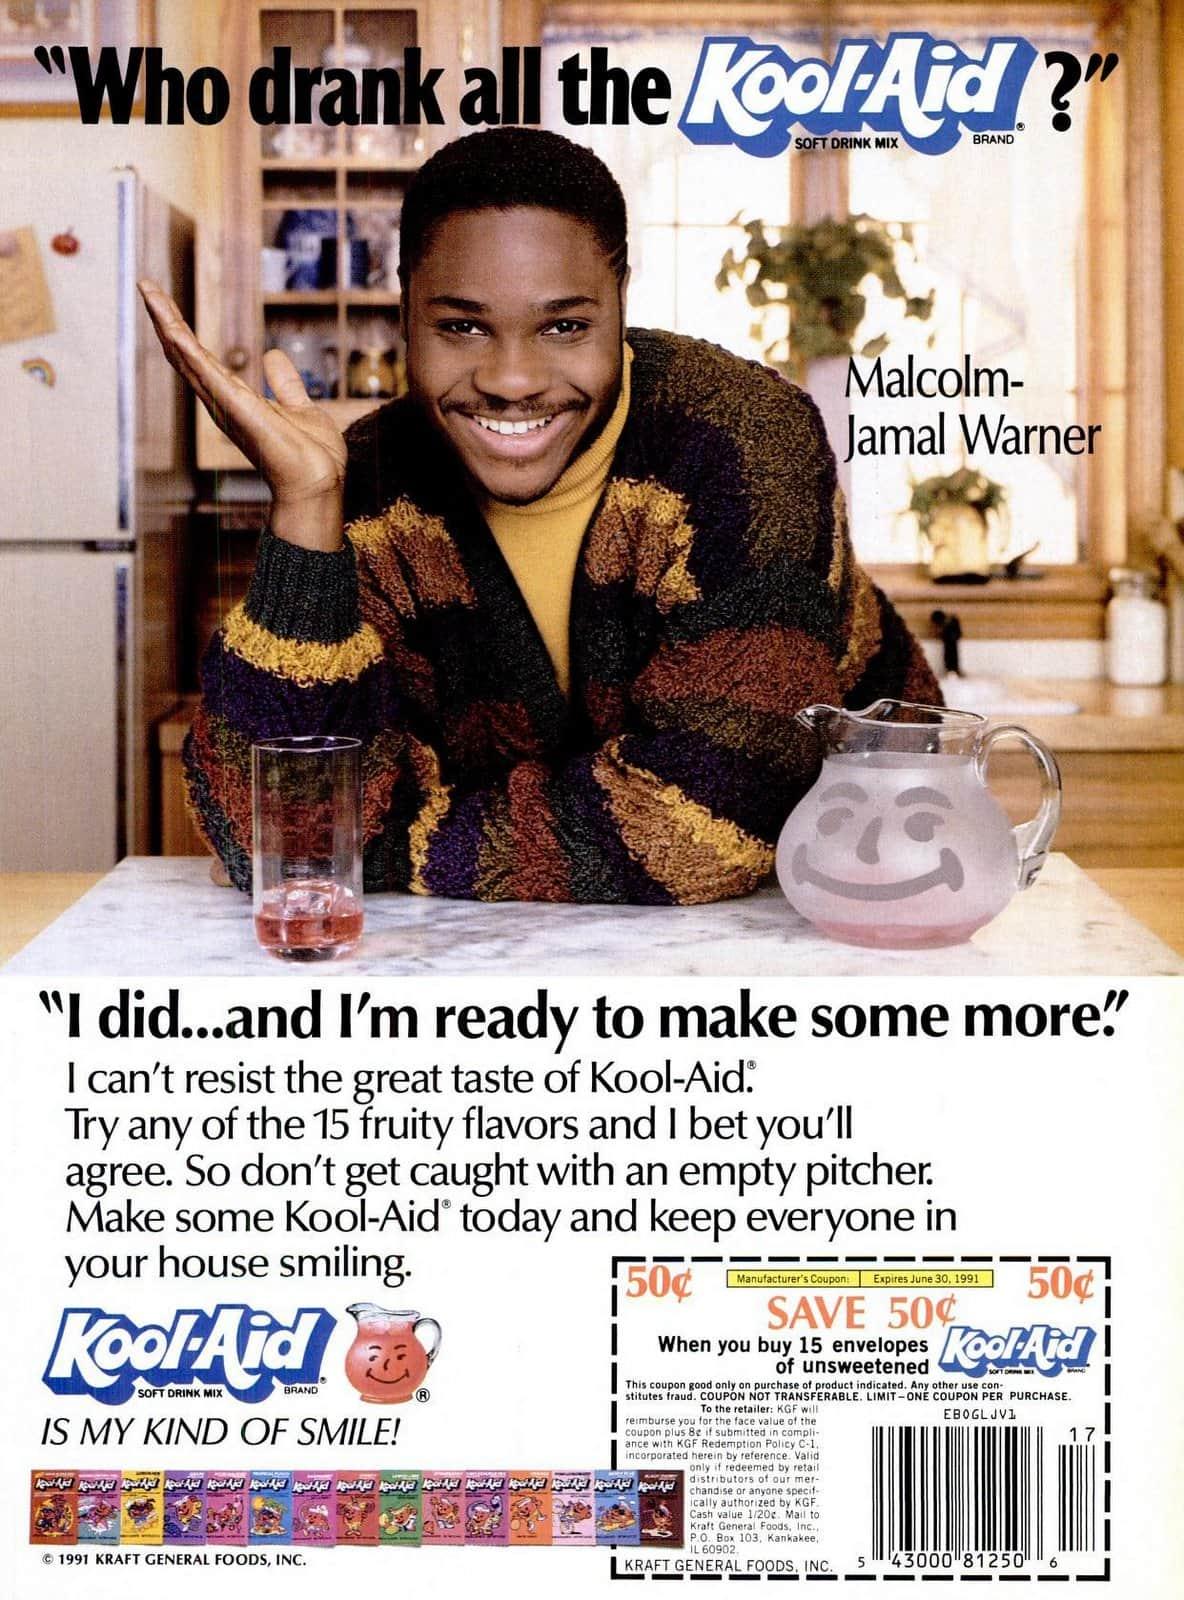 Vintage Kool Aid ad with Malcolm-Jamal Warner (1991)